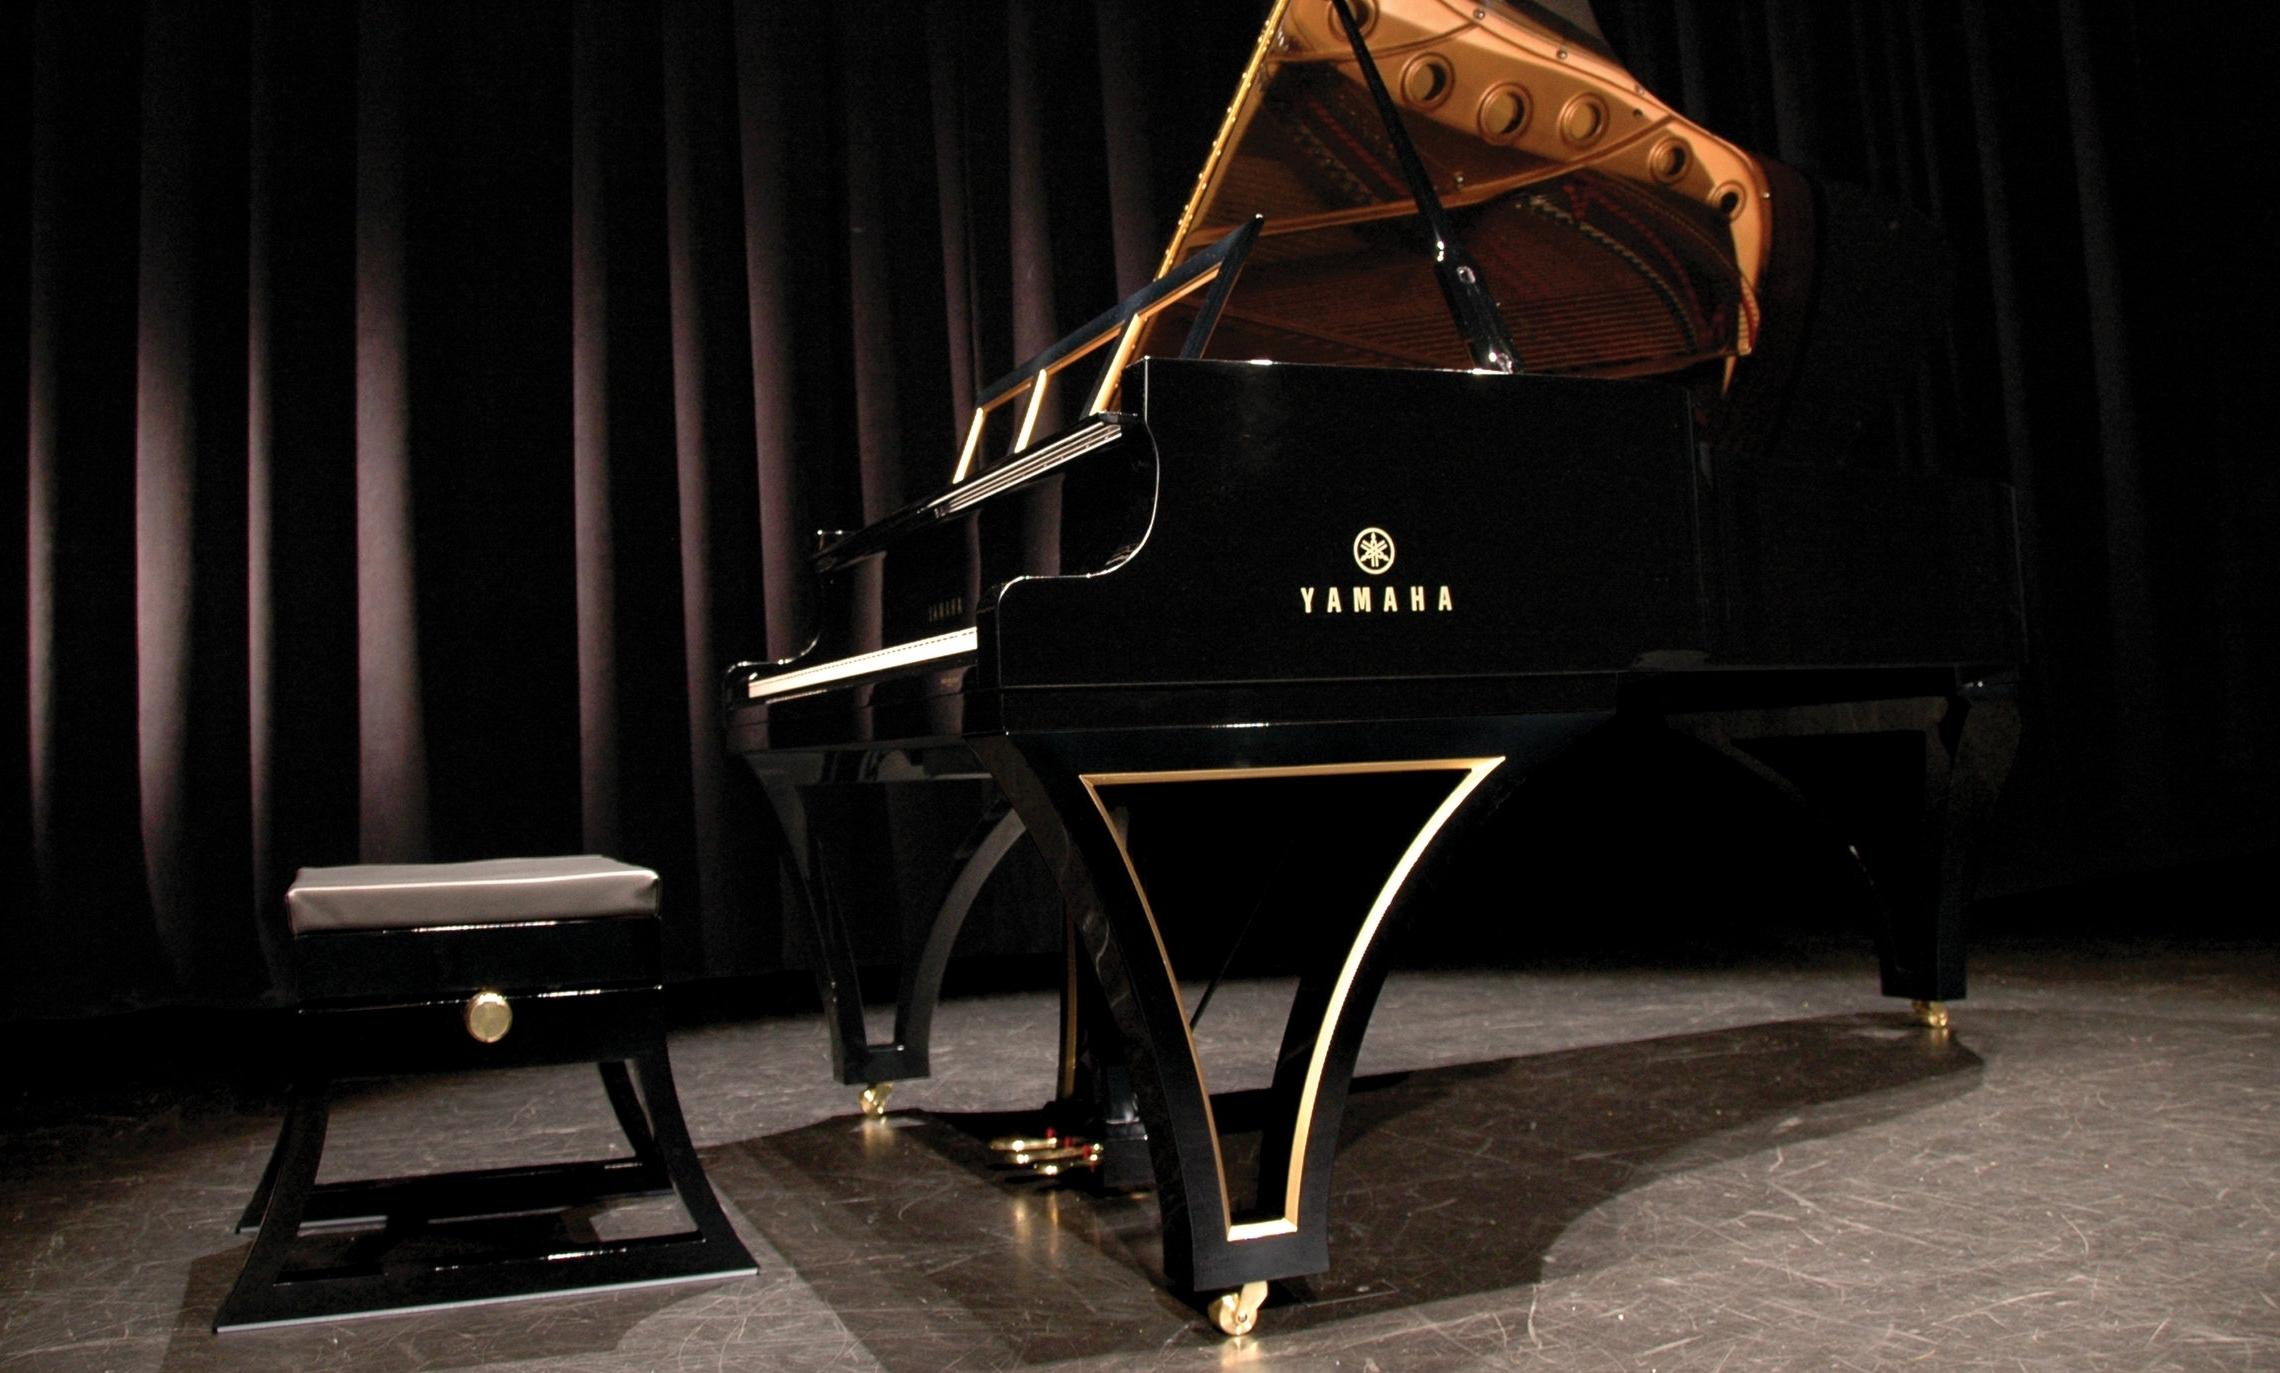 custom-piano-design-royal-ebony-jelliottco-j-elliott-co